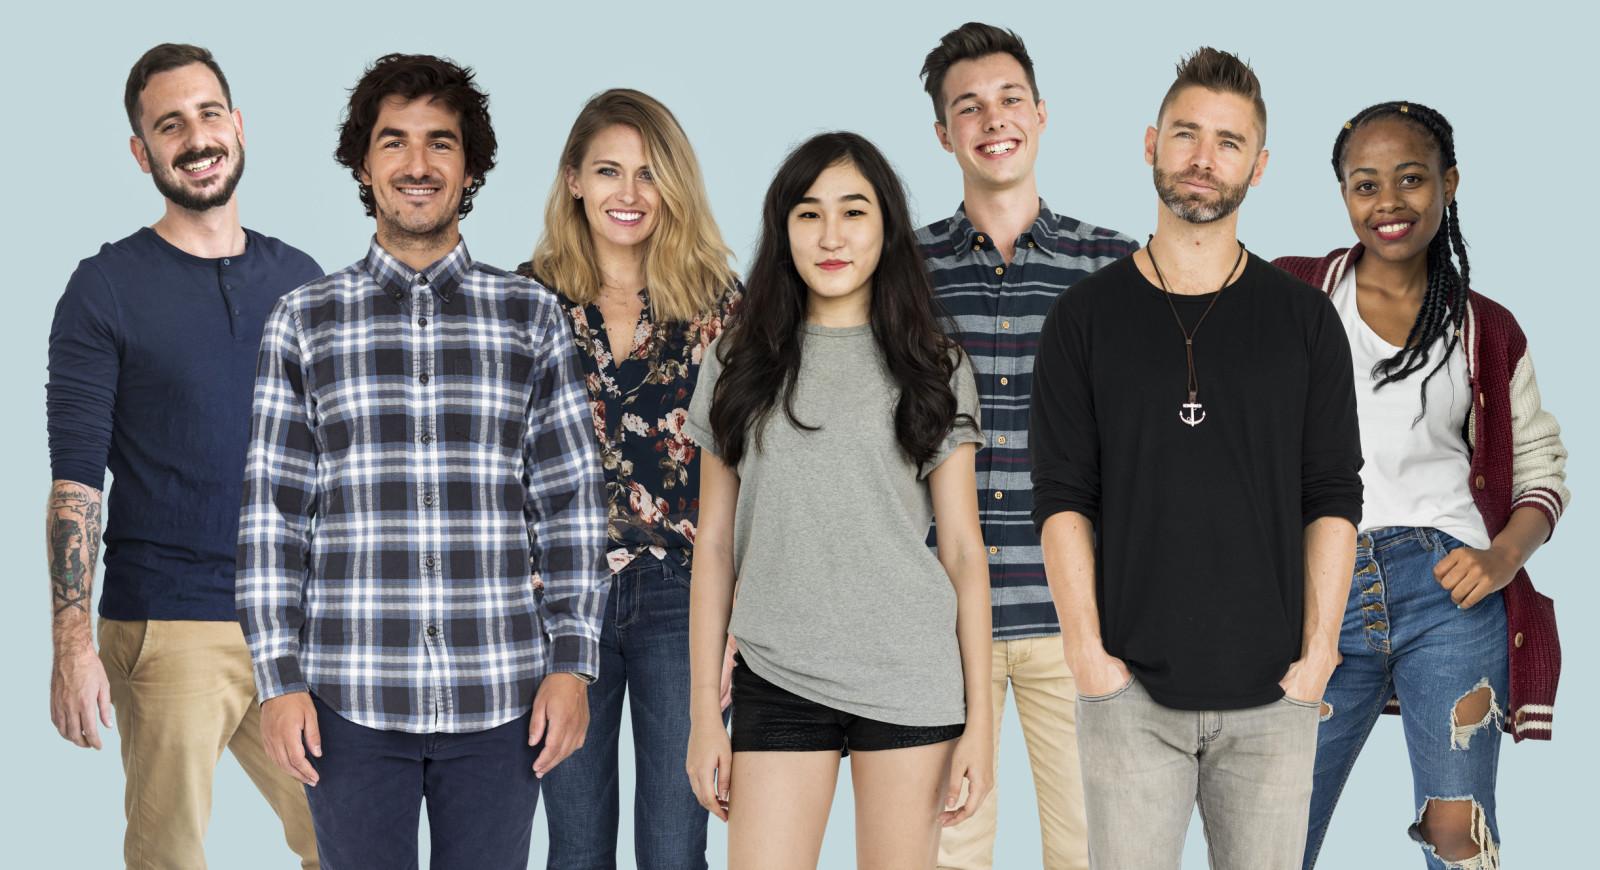 diverse-people-together.jpg